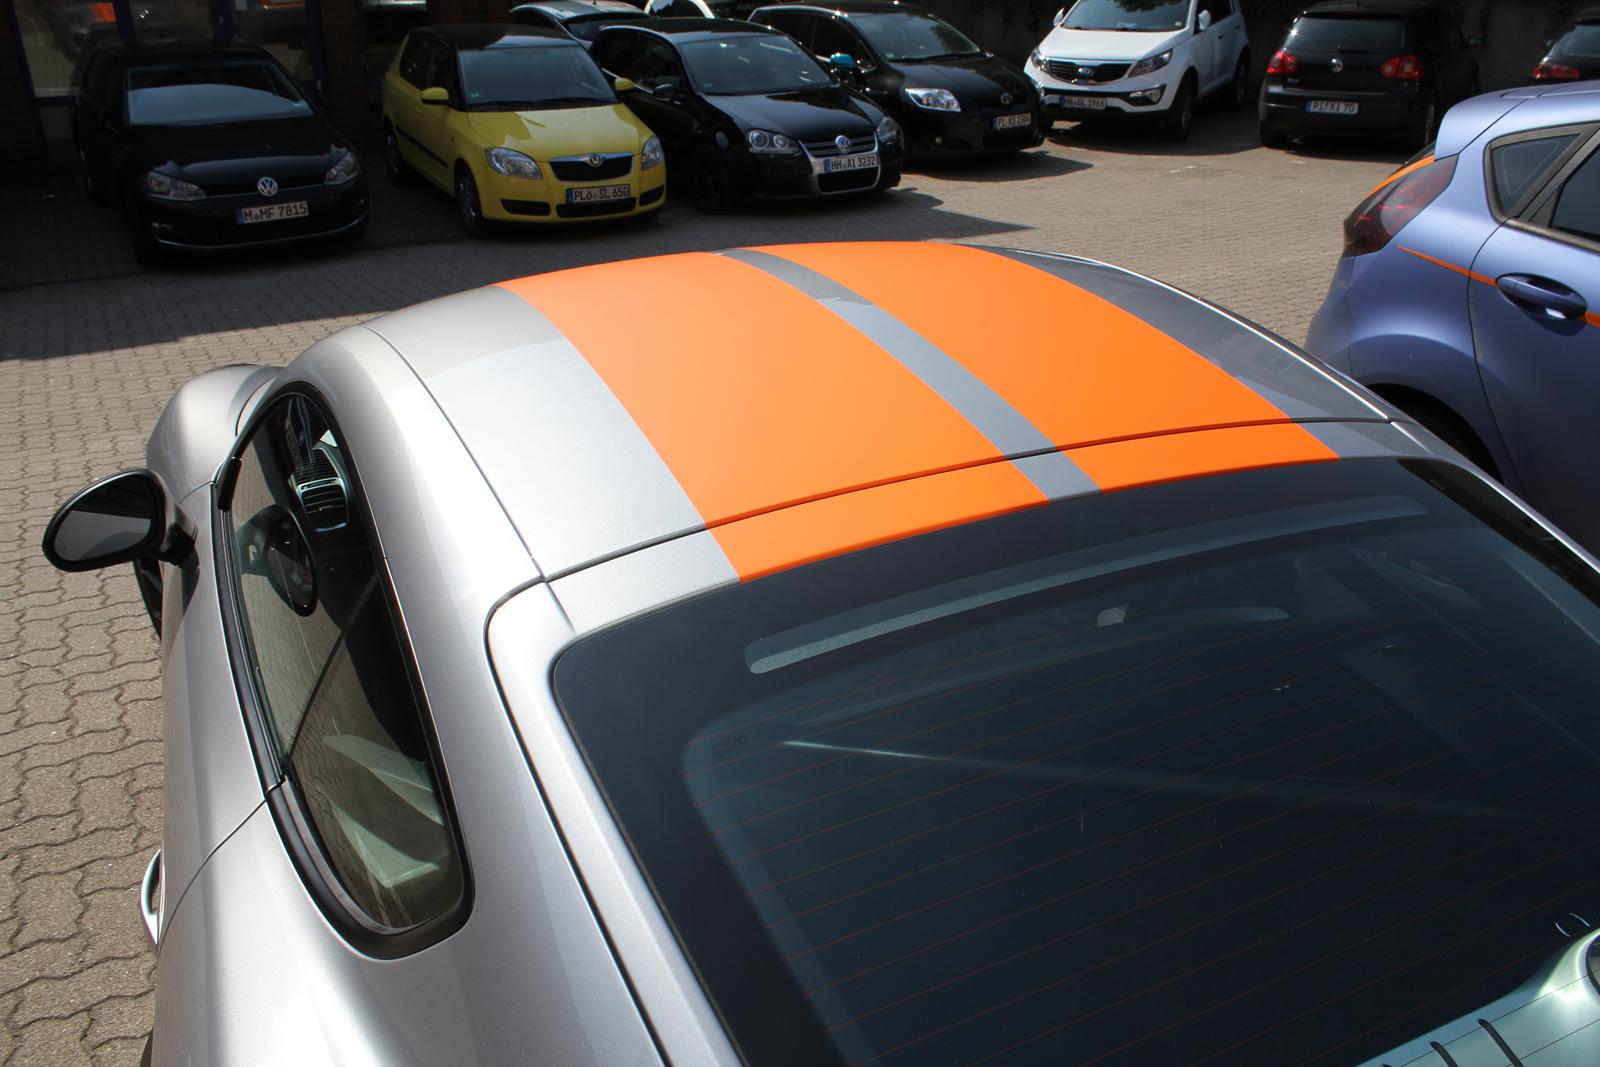 porsche_cayman_gt4_rallyestreifen_orange_04